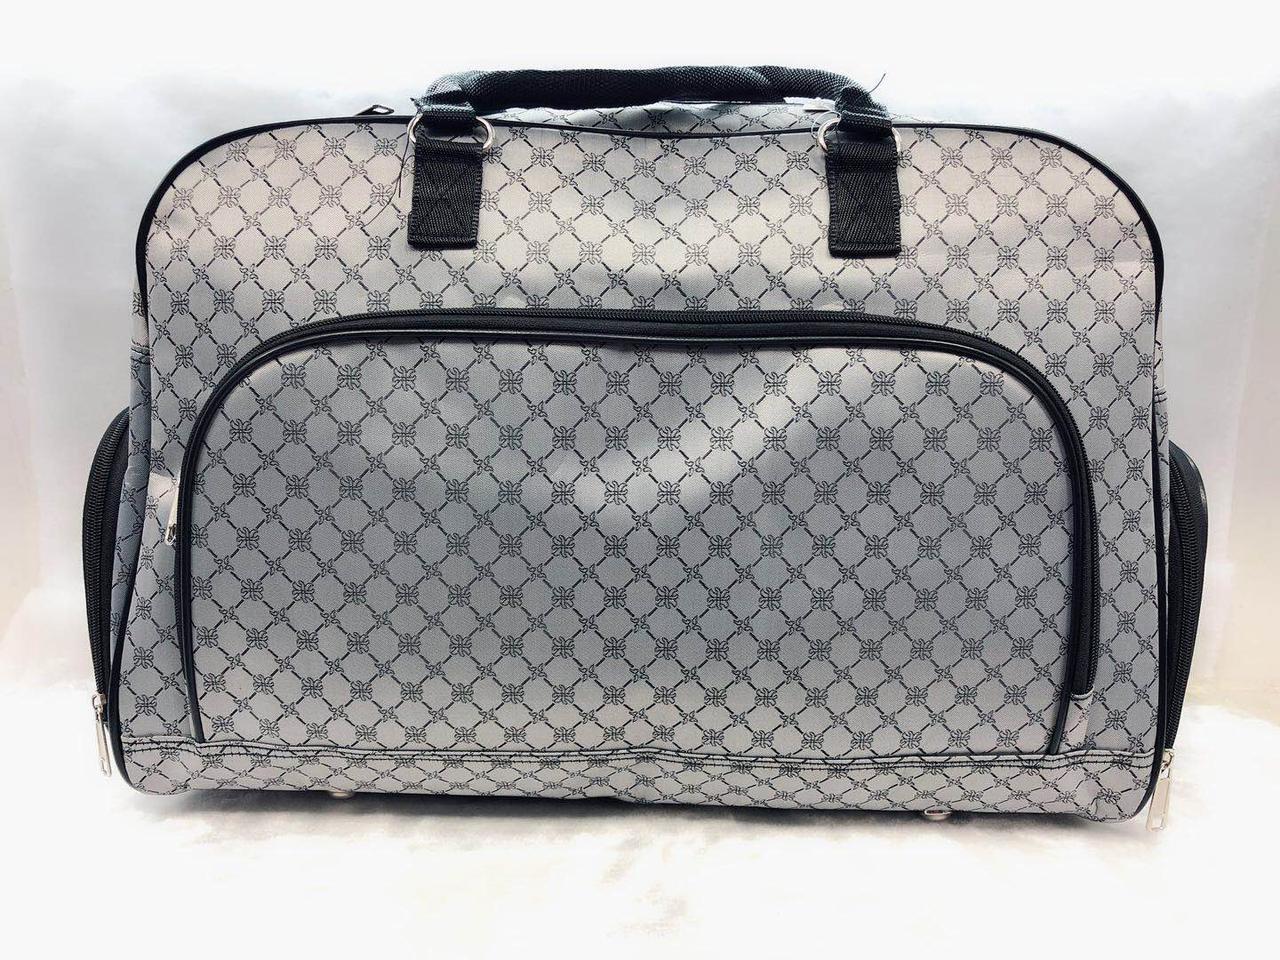 Женская сумка-саквояж дорожная прочная вместительная большая серая